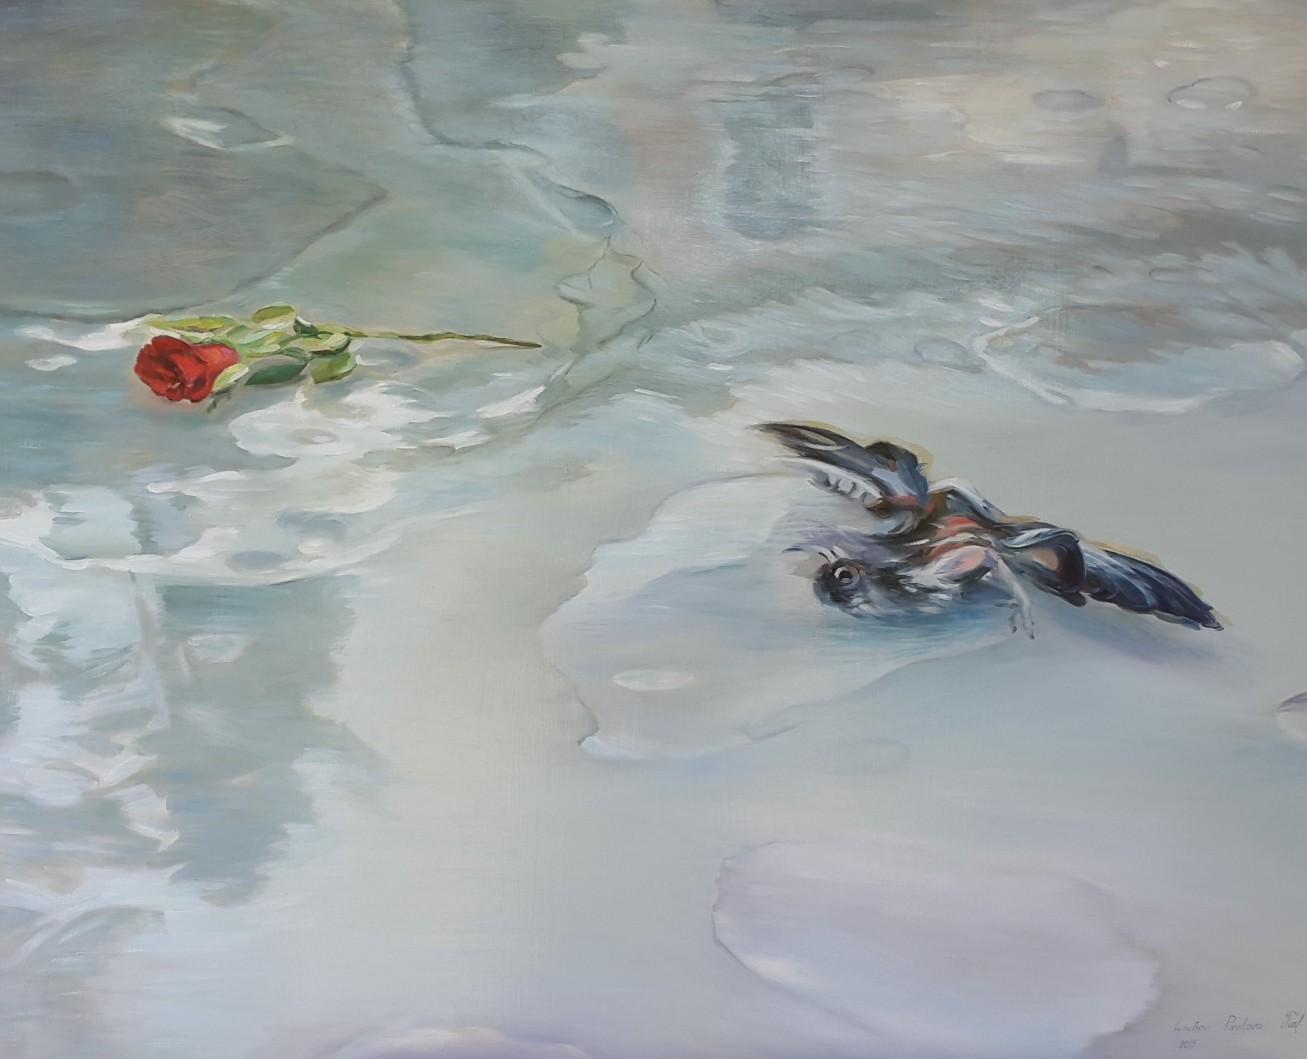 Rose und Vogel, Öl auf Leinwand, 100 x 90 cm